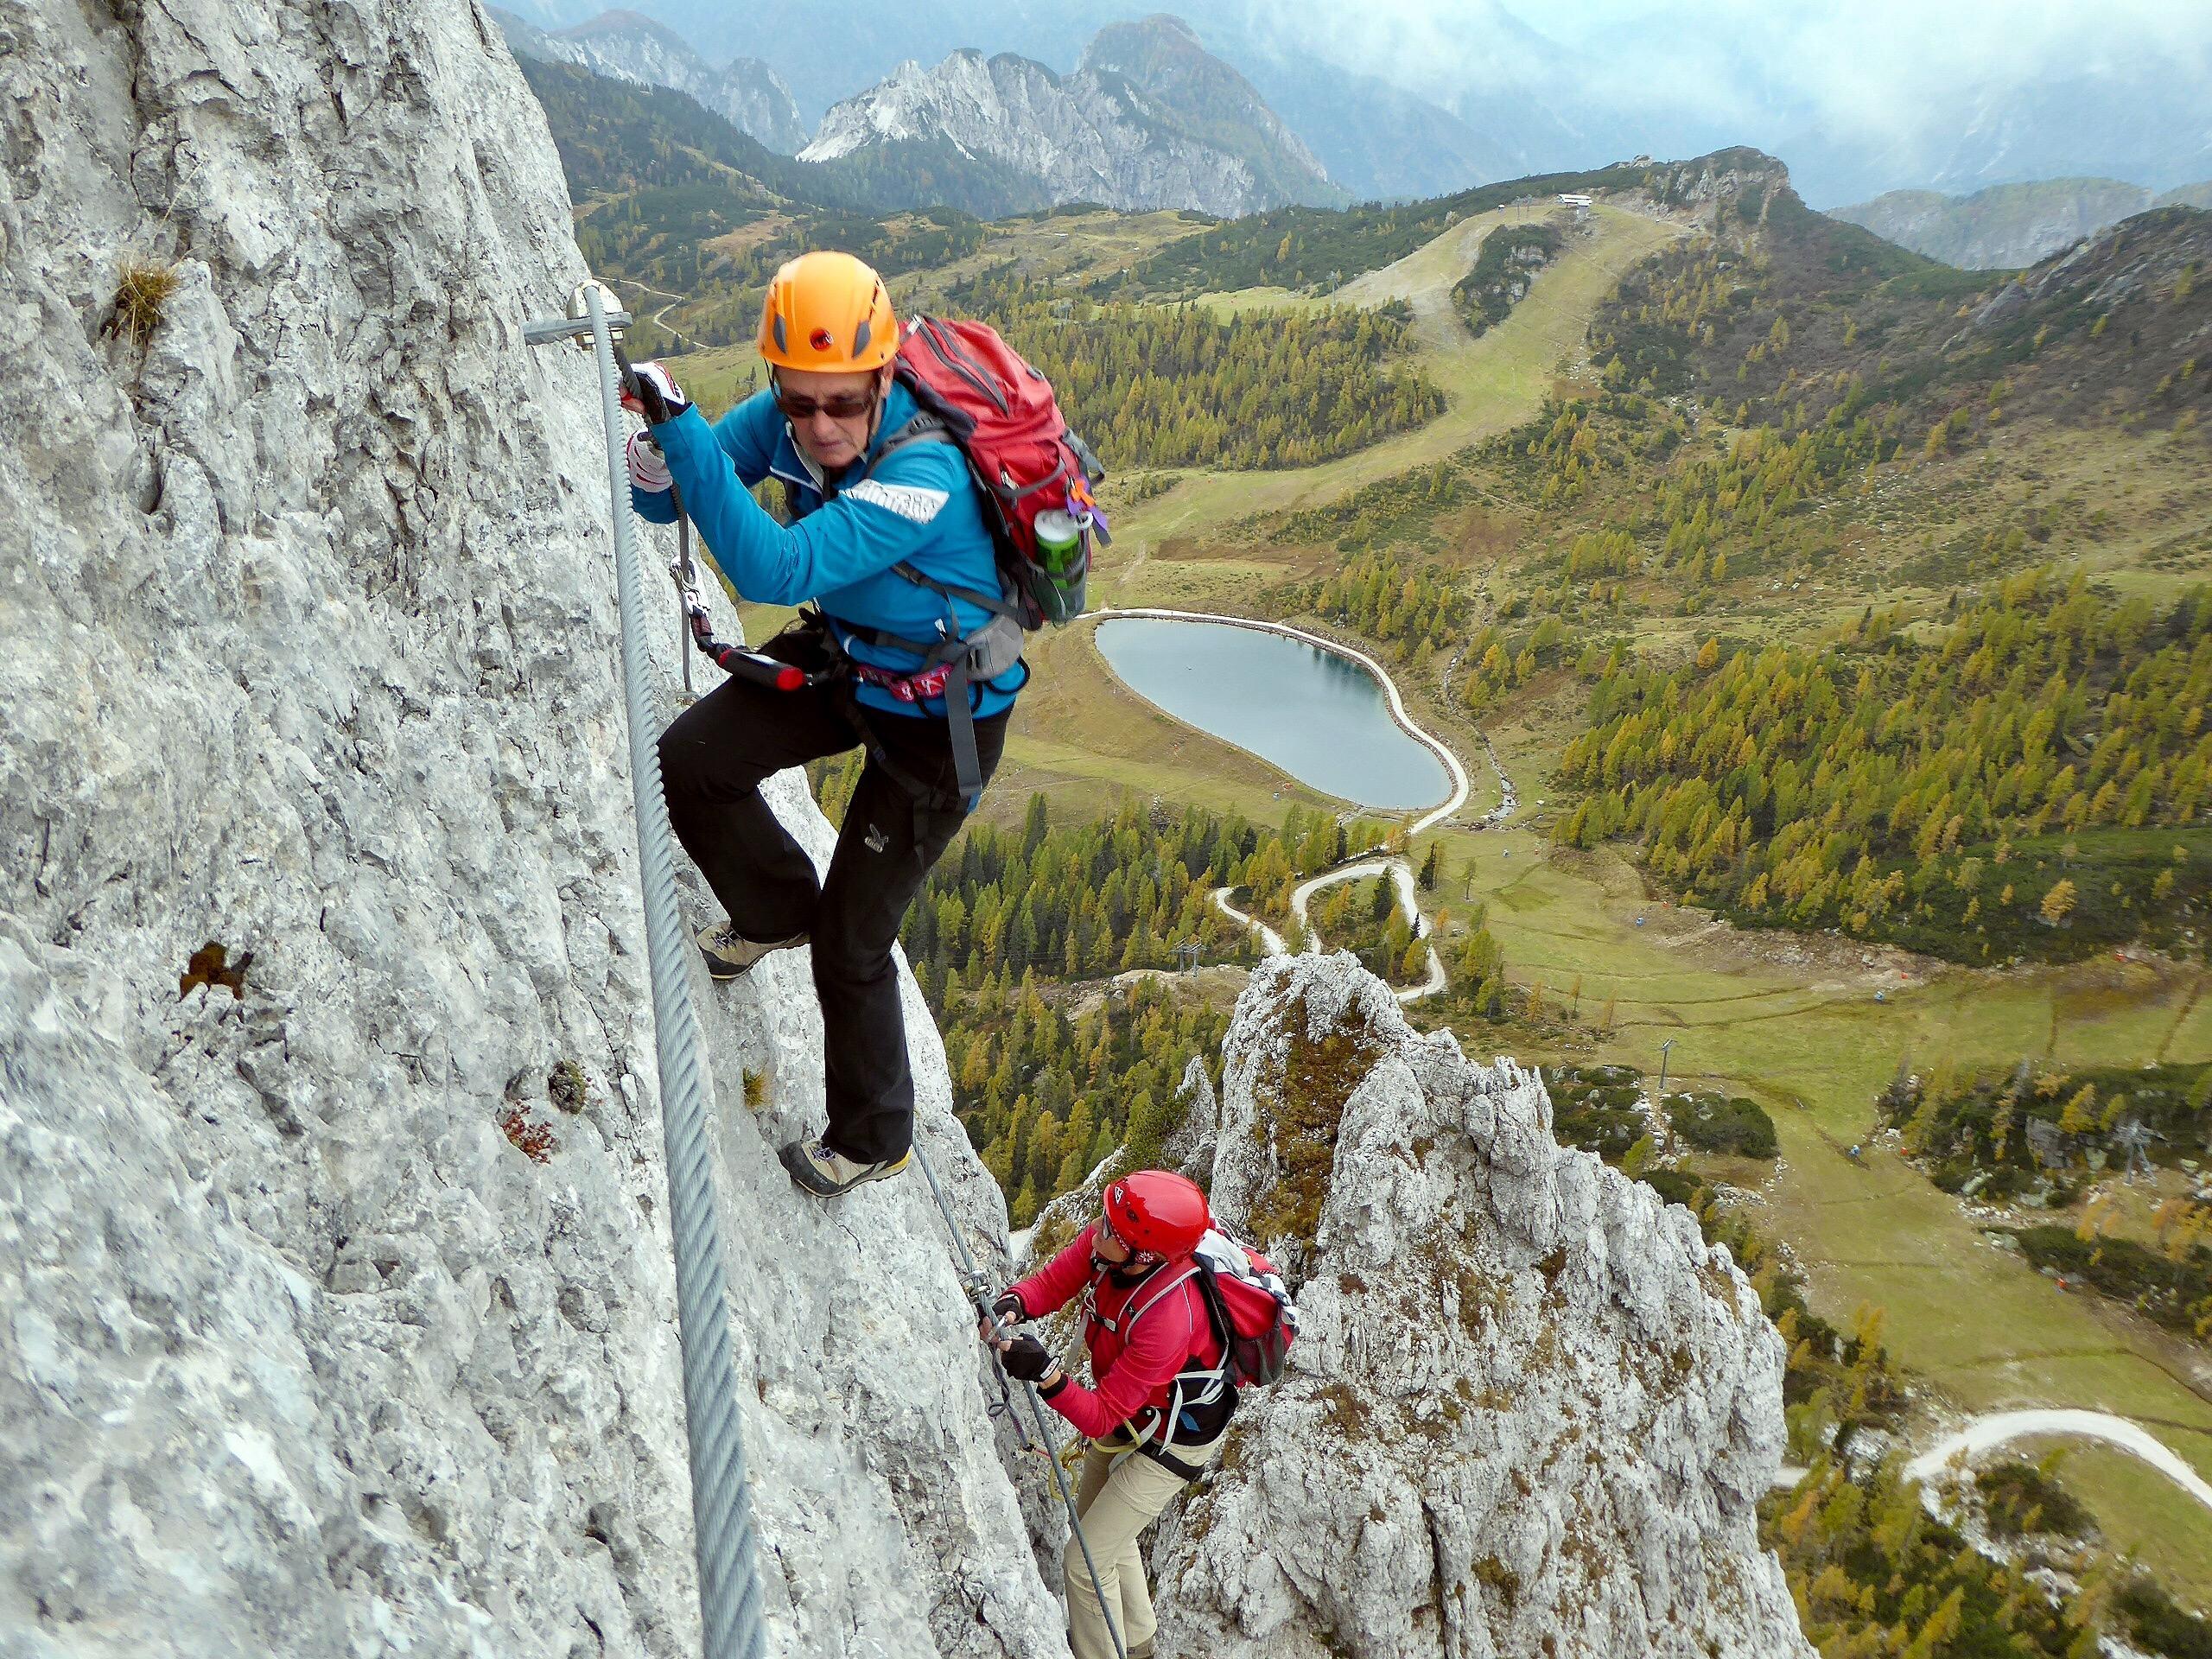 Klettersteig Däumling : Däumling klettersteig ein jahr für mich